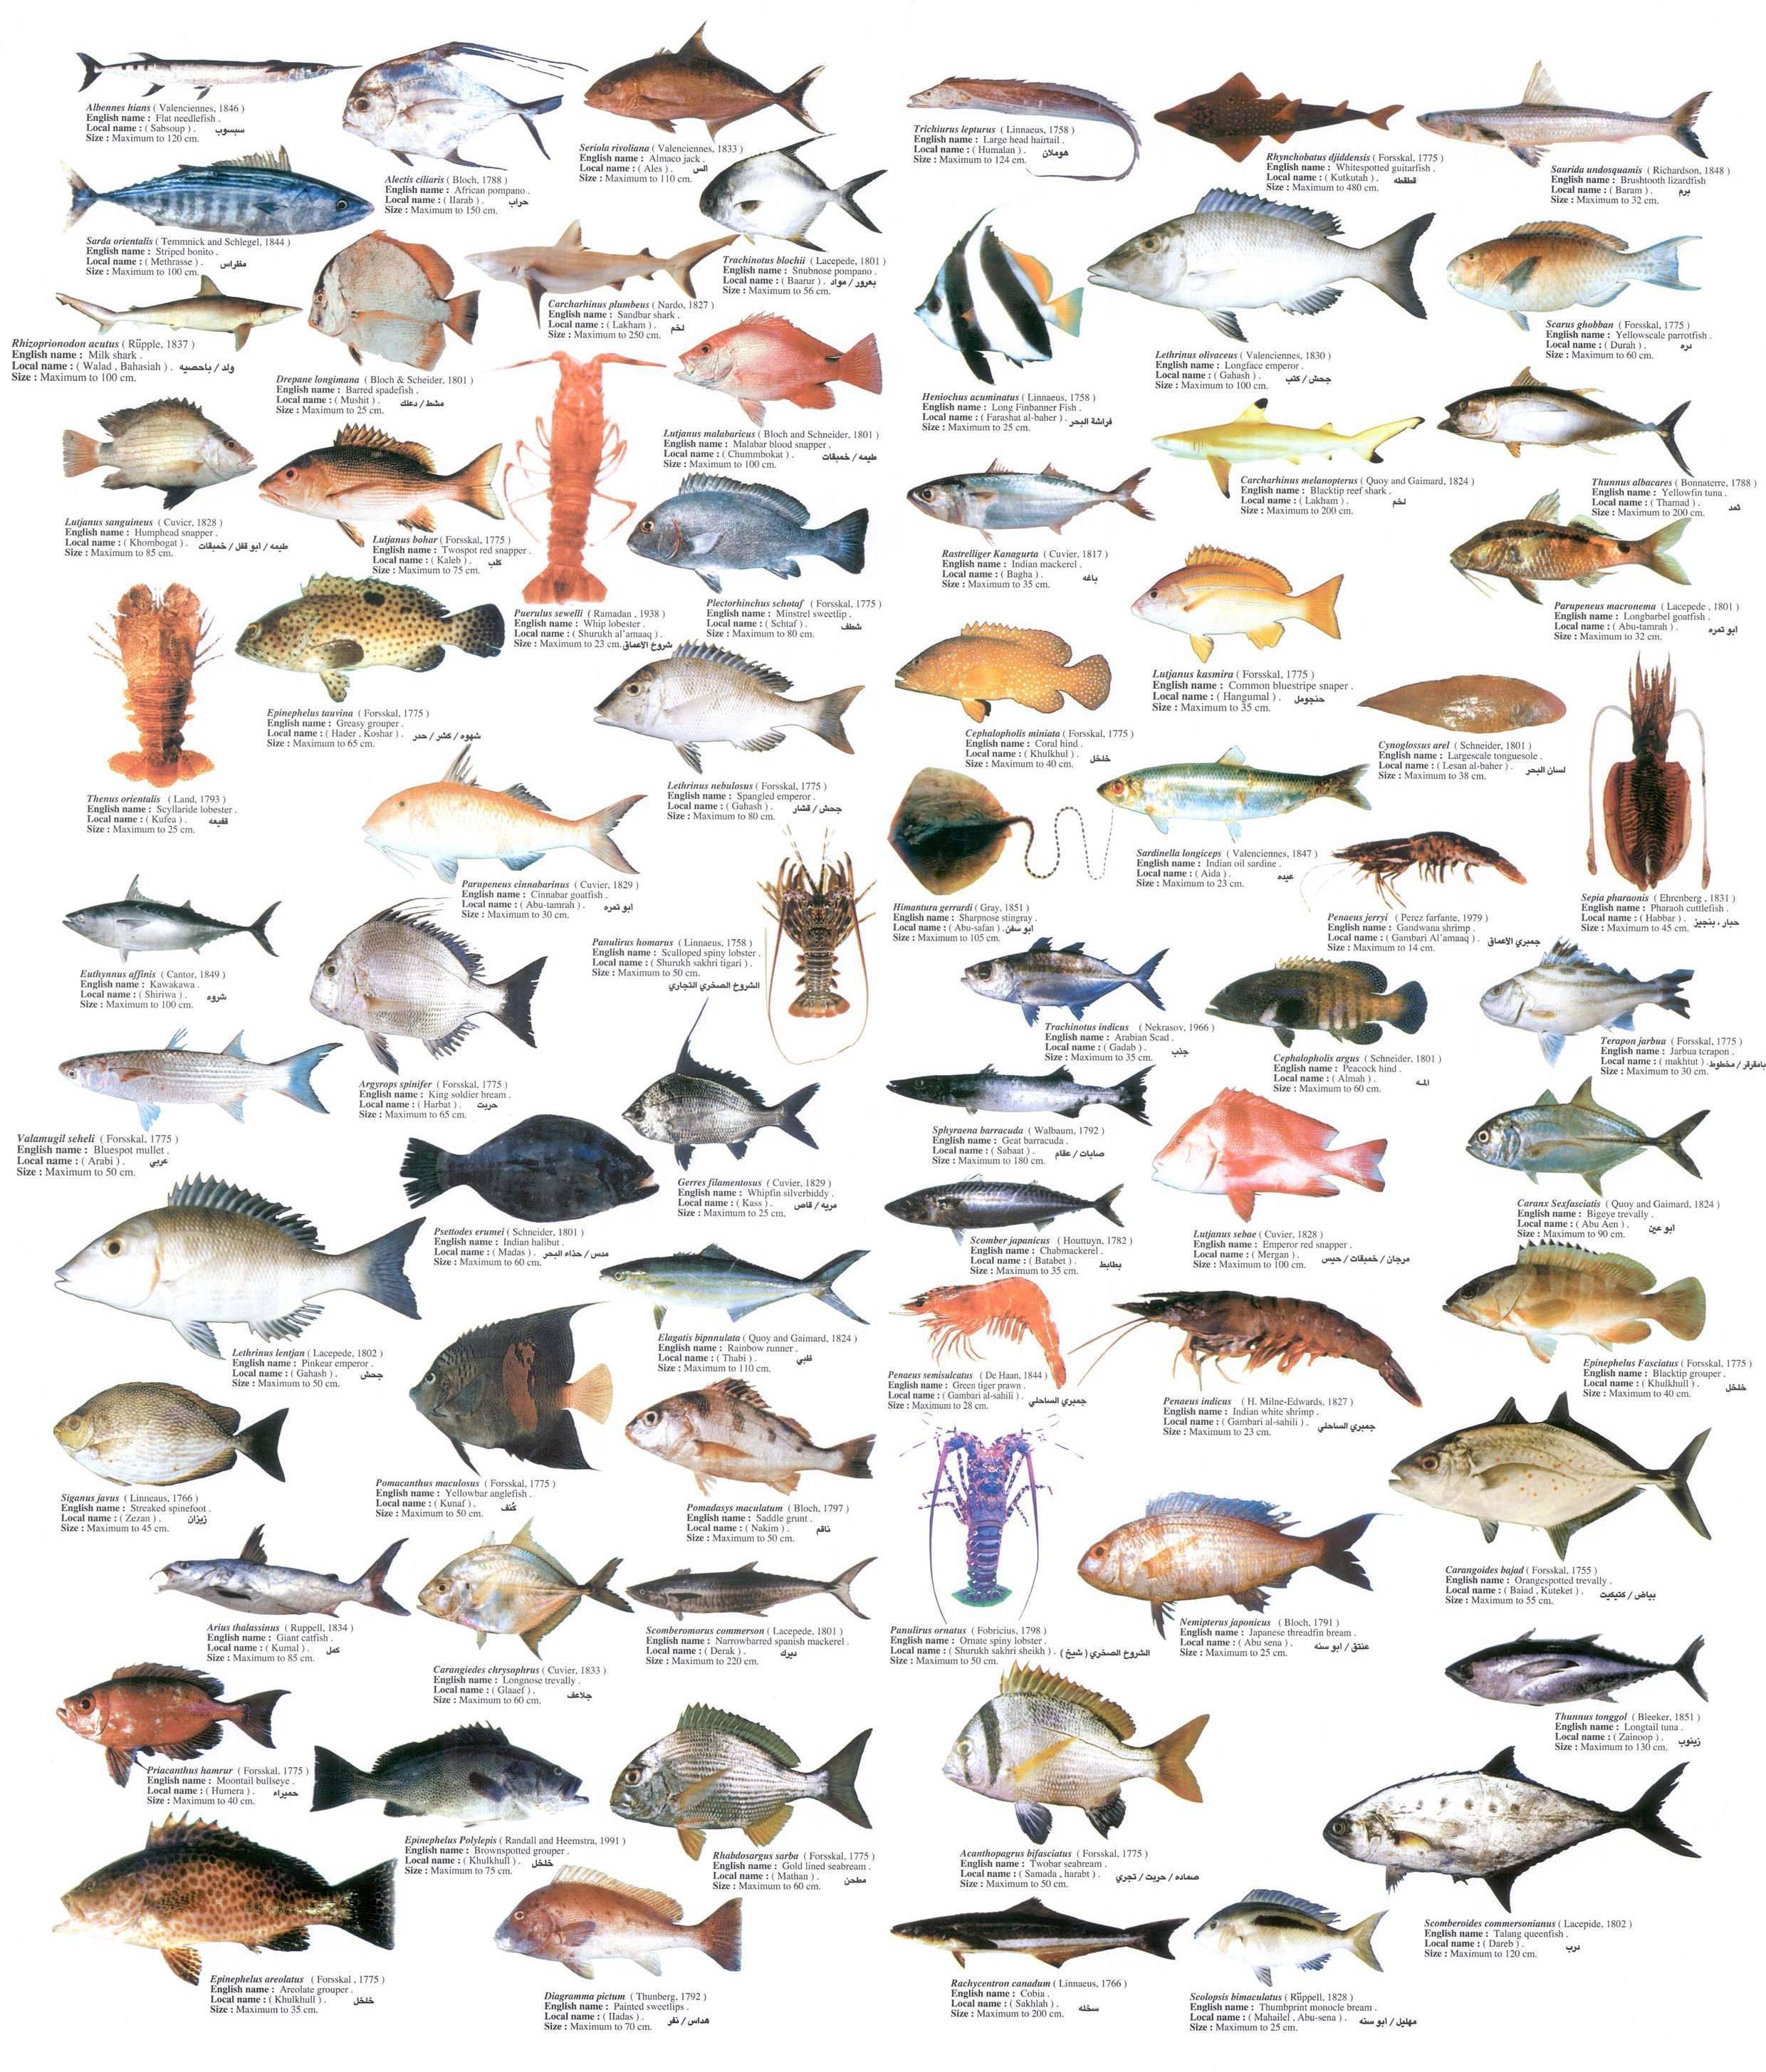 Диетические сорта рыбы: список с названиями морских и речных нежирных видов